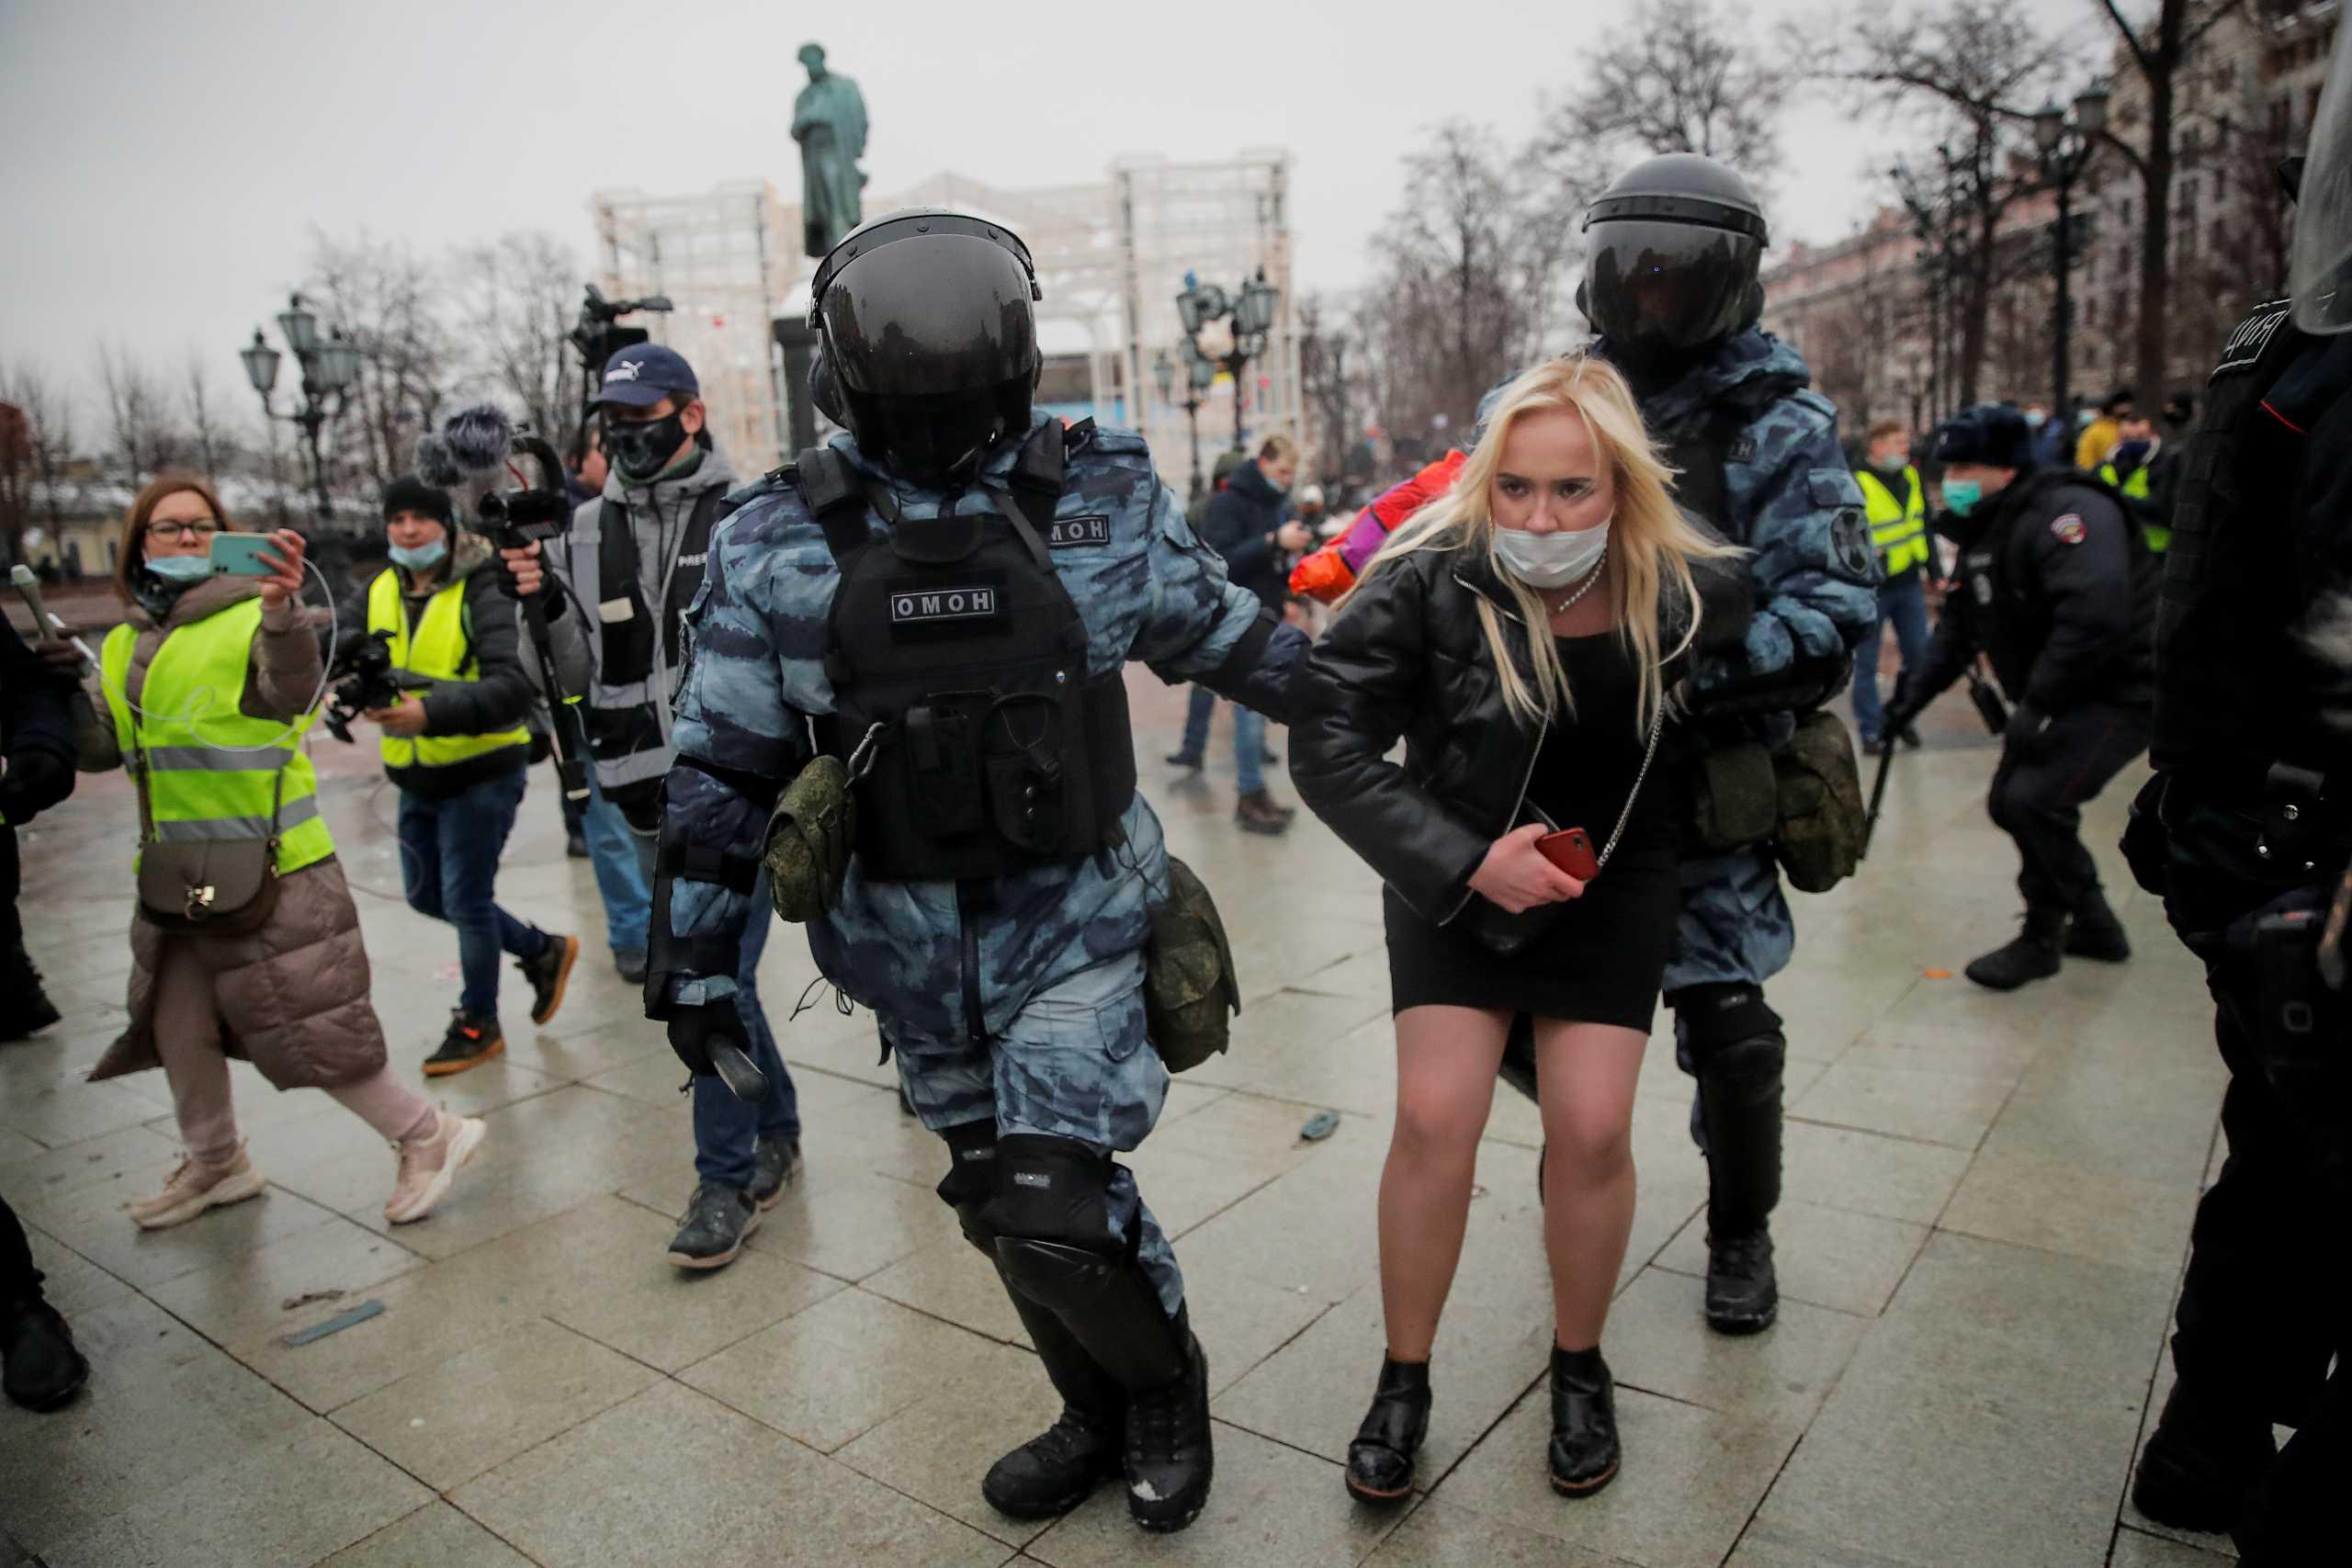 Χάος στη Μόσχα: Χιλιάδες στη διαδήλωση για τον Ναβάλνι, έπιασαν τη γυναίκα του